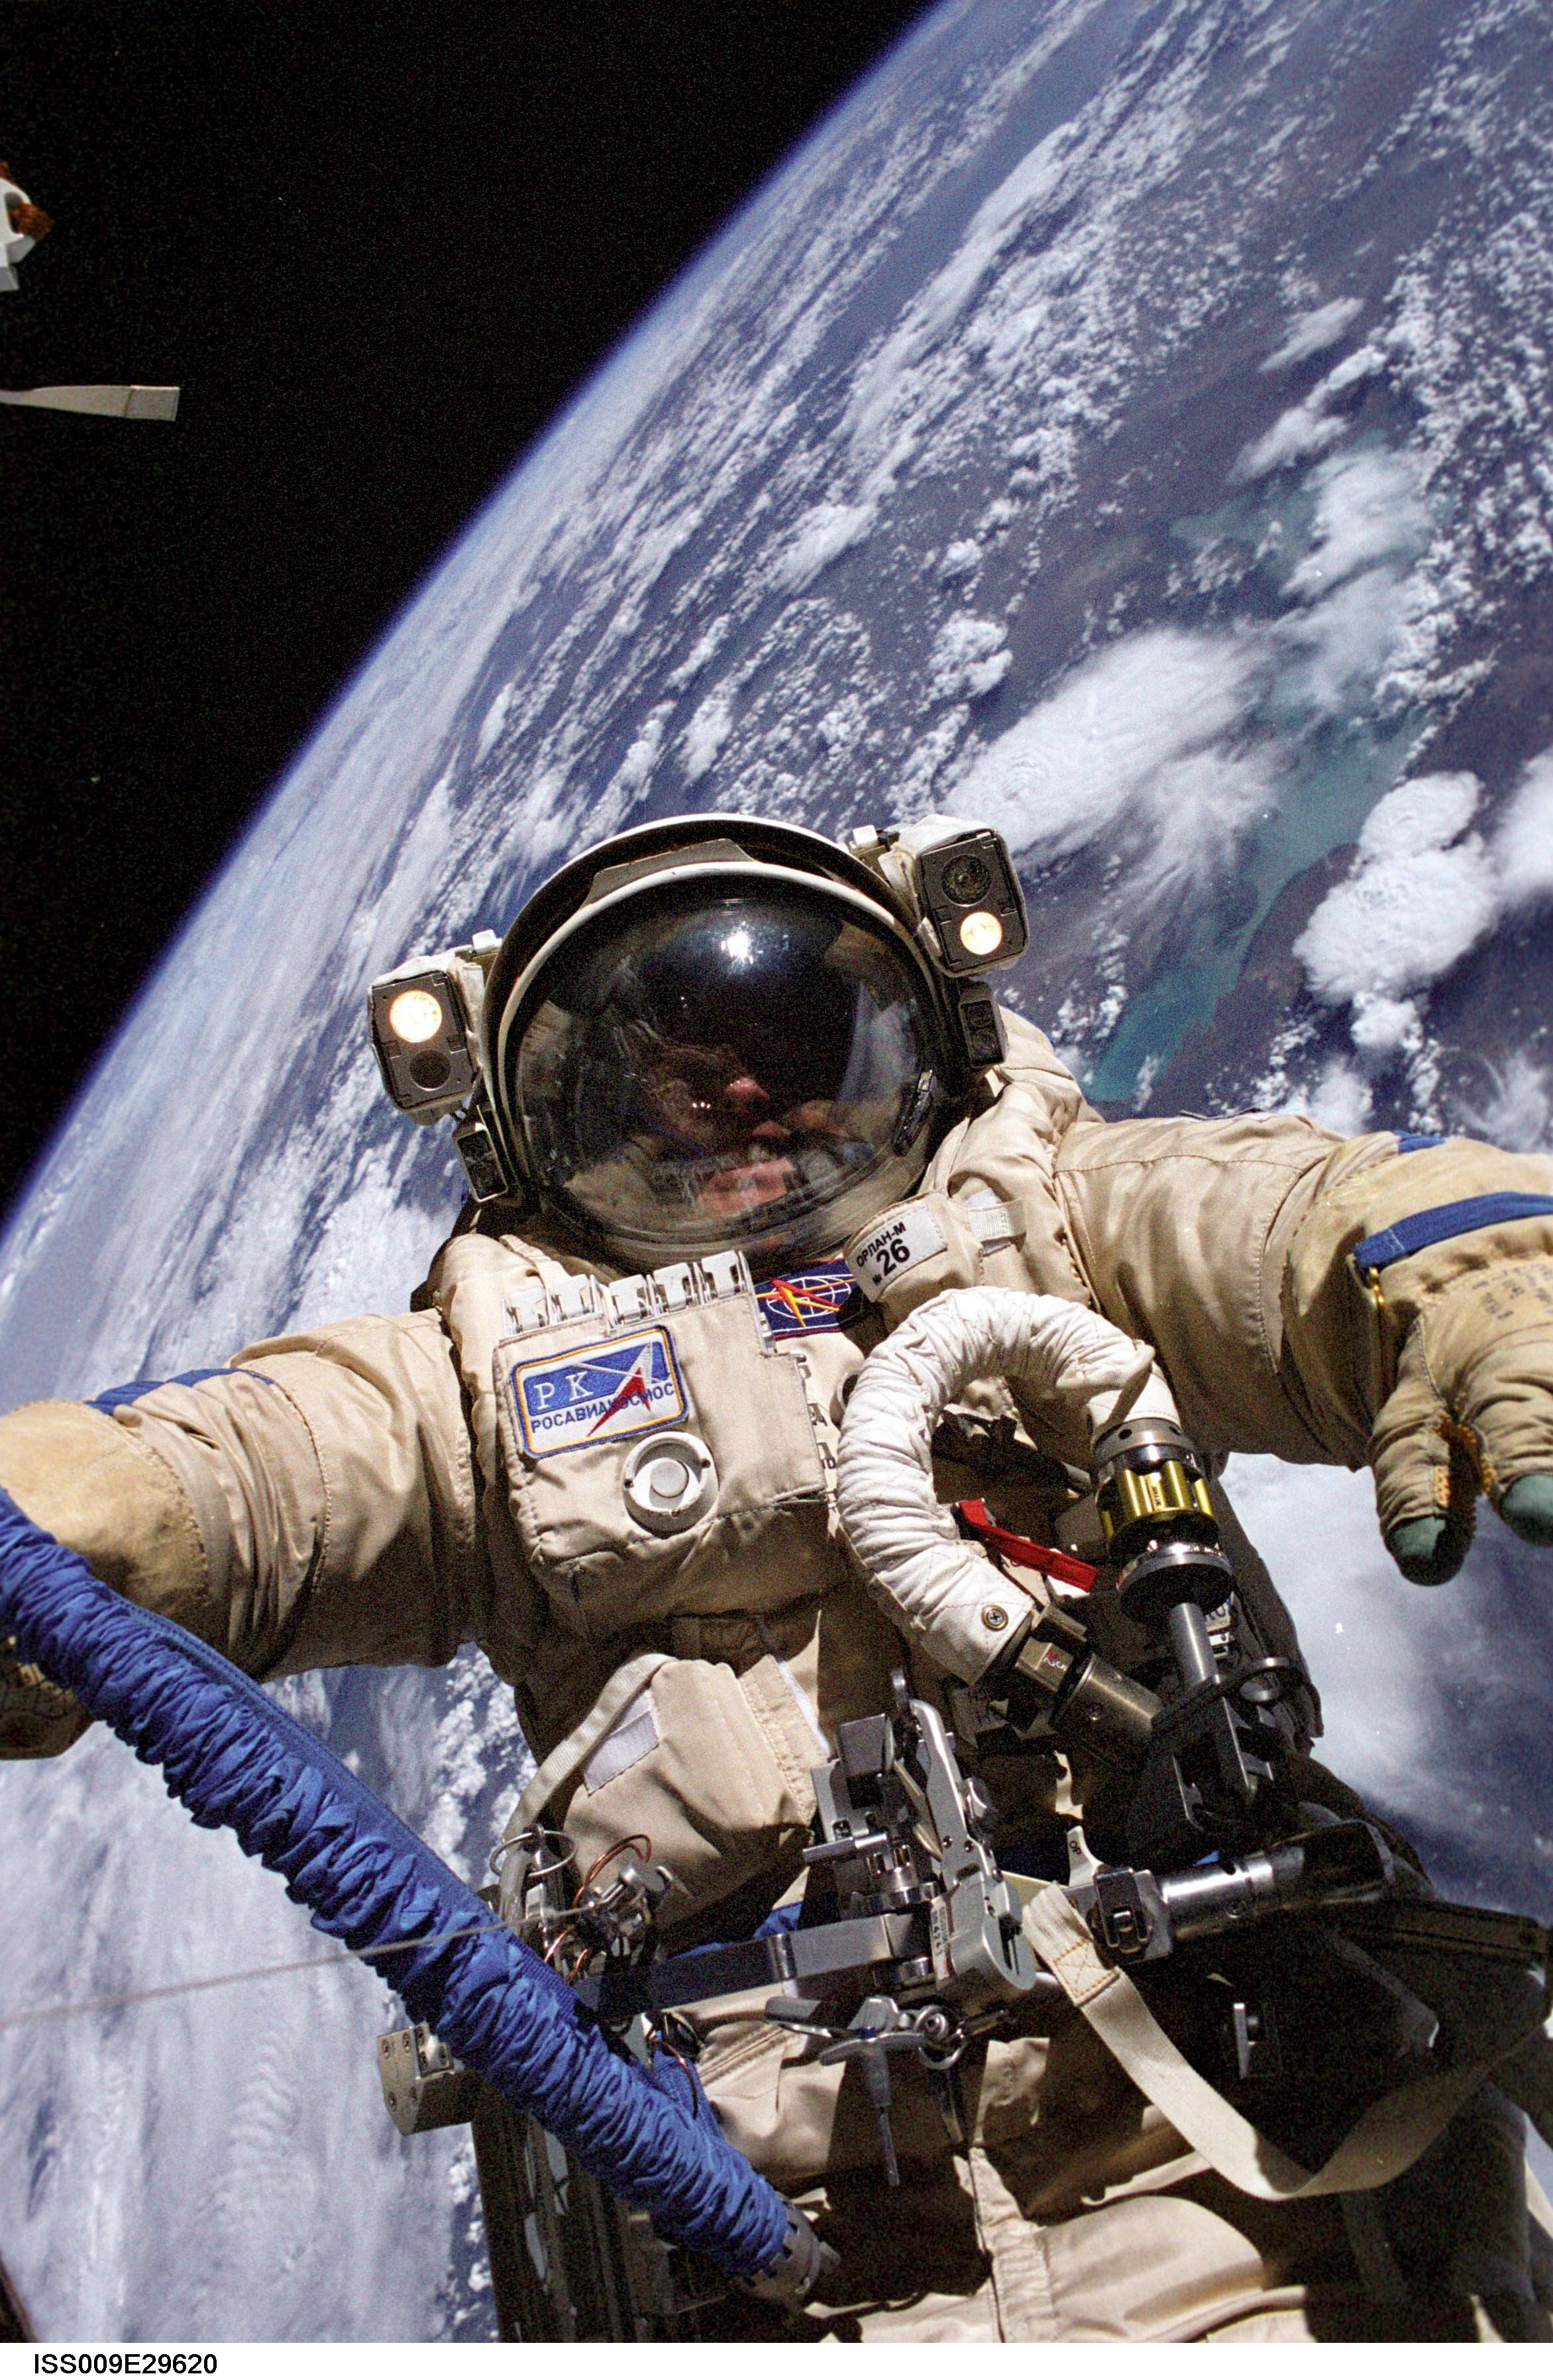 ボーイング製宇宙船に初搭乗 NASA宇宙飛行士が語った ミッションへの思い